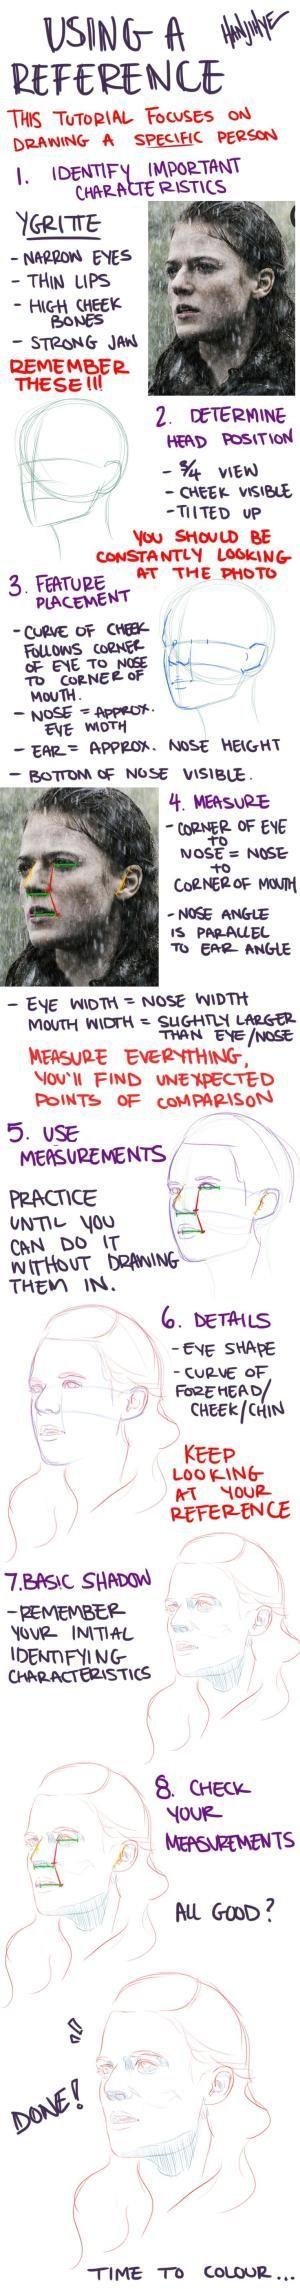 Me gustaría ser mejor en tomar notas de referencias! Yo sólo los uso para recrear, esto parece muy útil ^^ by paco197 #Drawingtips